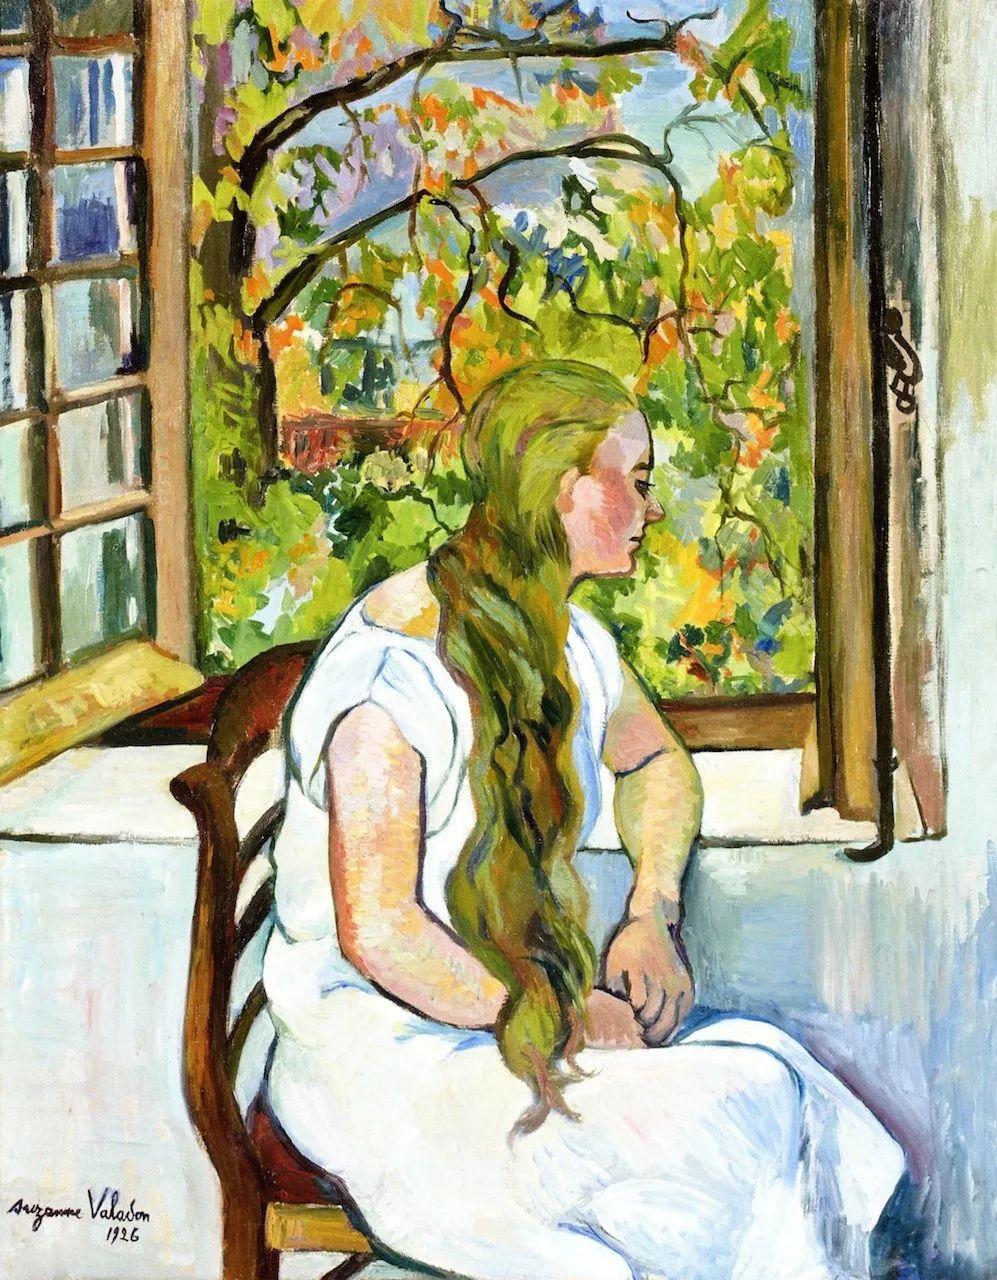 法国美术家协会第一个女性成员——苏珊娜·瓦拉东插图11